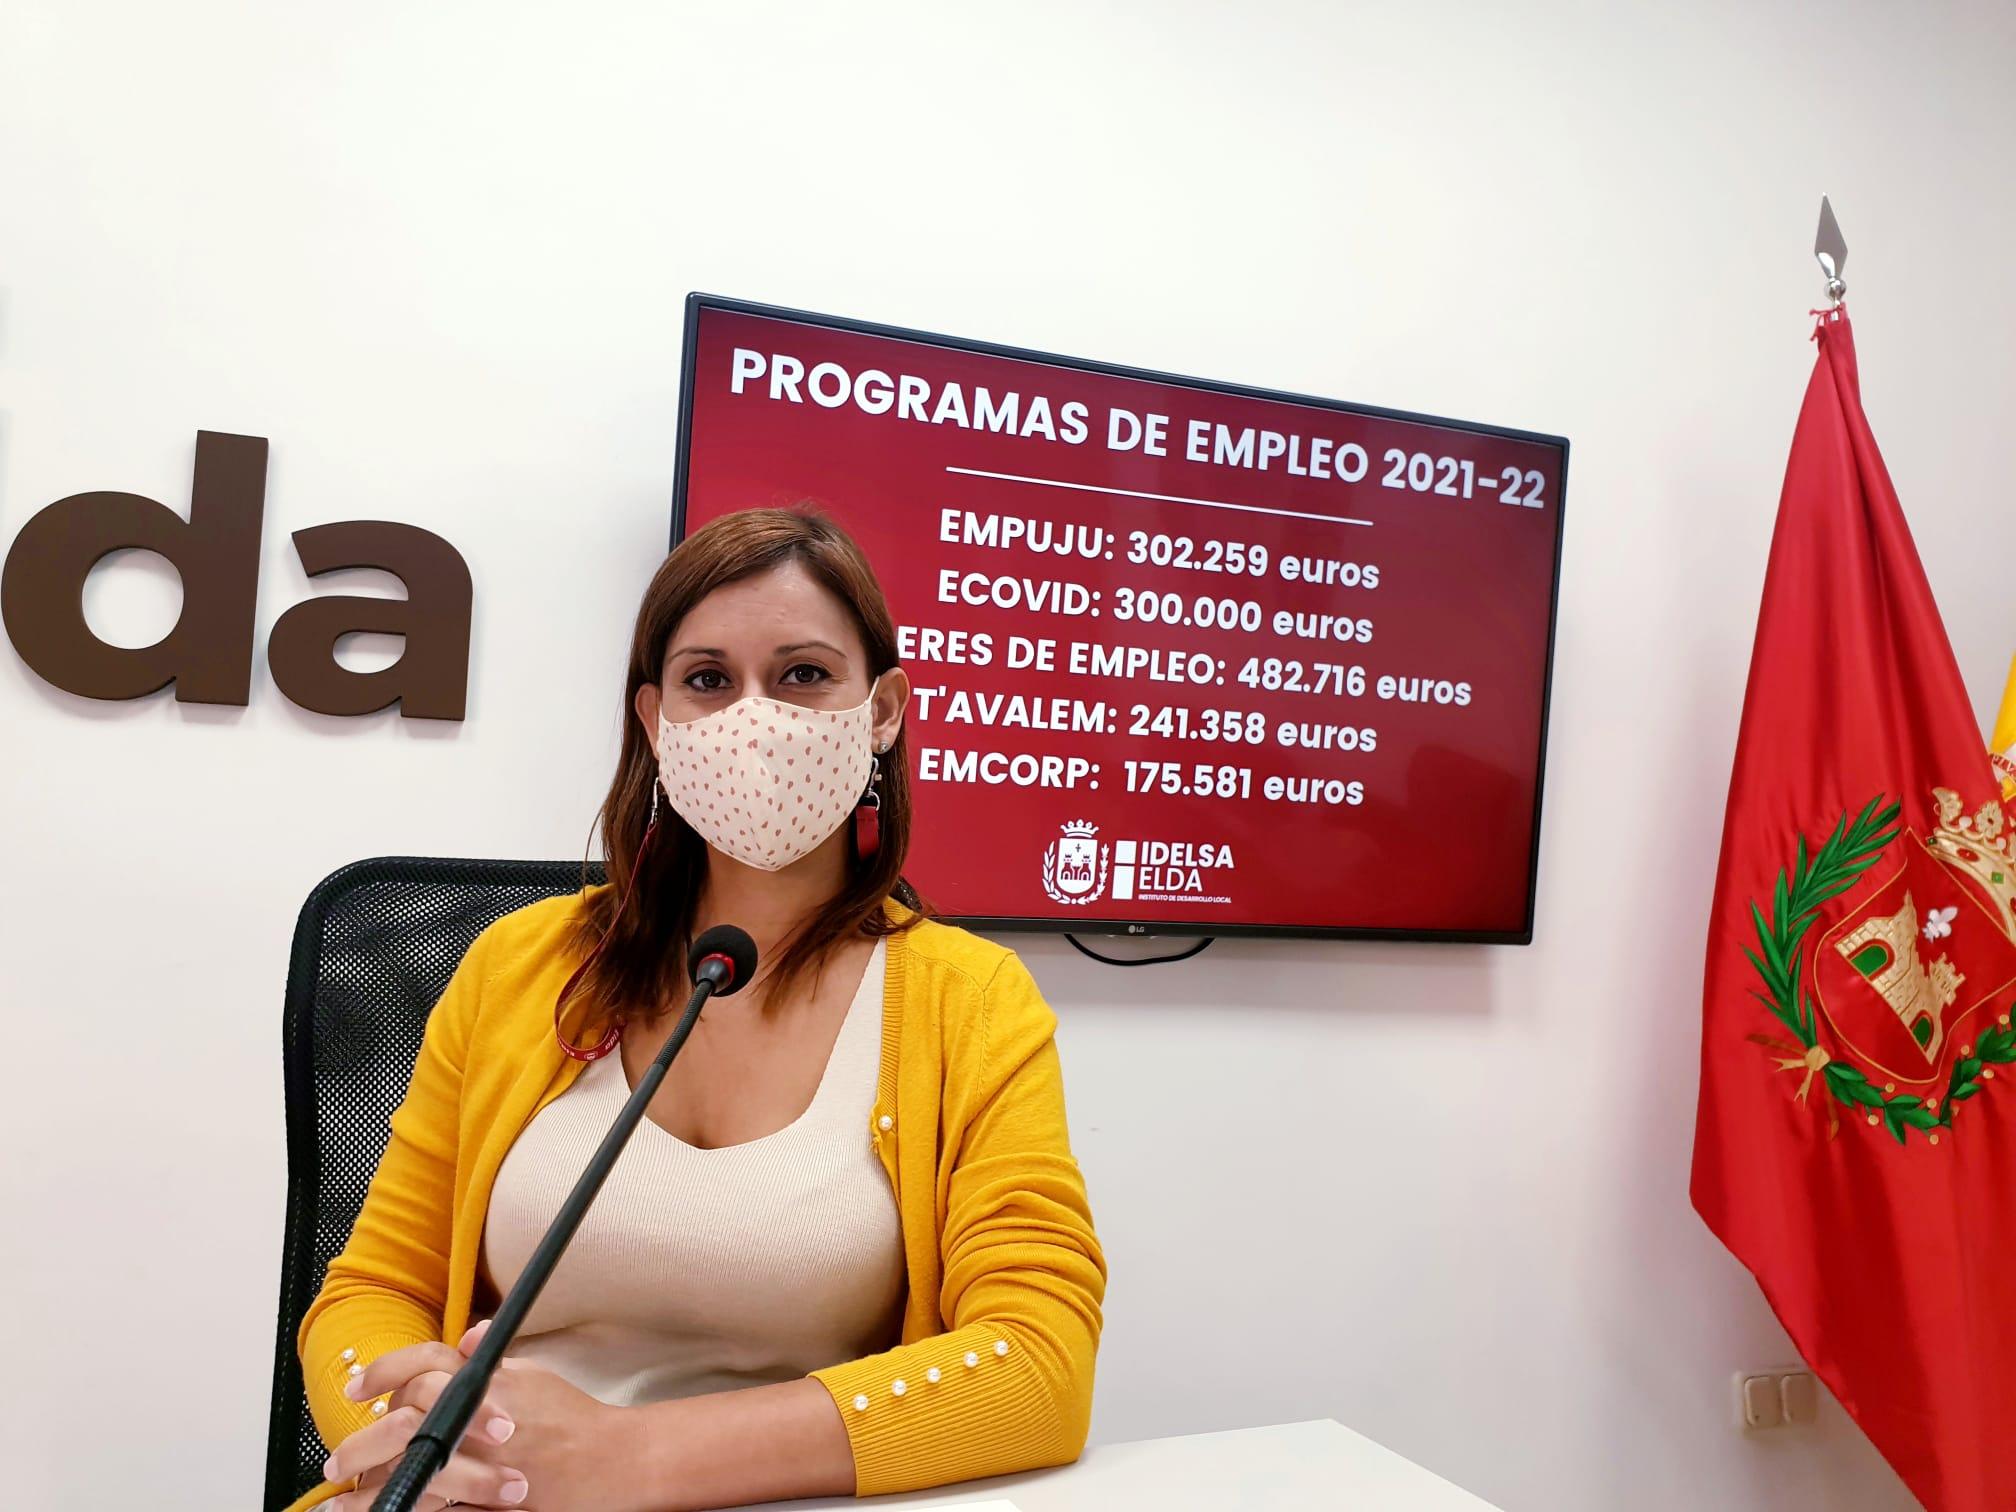 La concesión de los programas Ecovid y Empuju eleva a 1,5 millones de euros los fondos de la Generalitat captados en 2021 por el Ayuntamiento para crear empleo en Elda